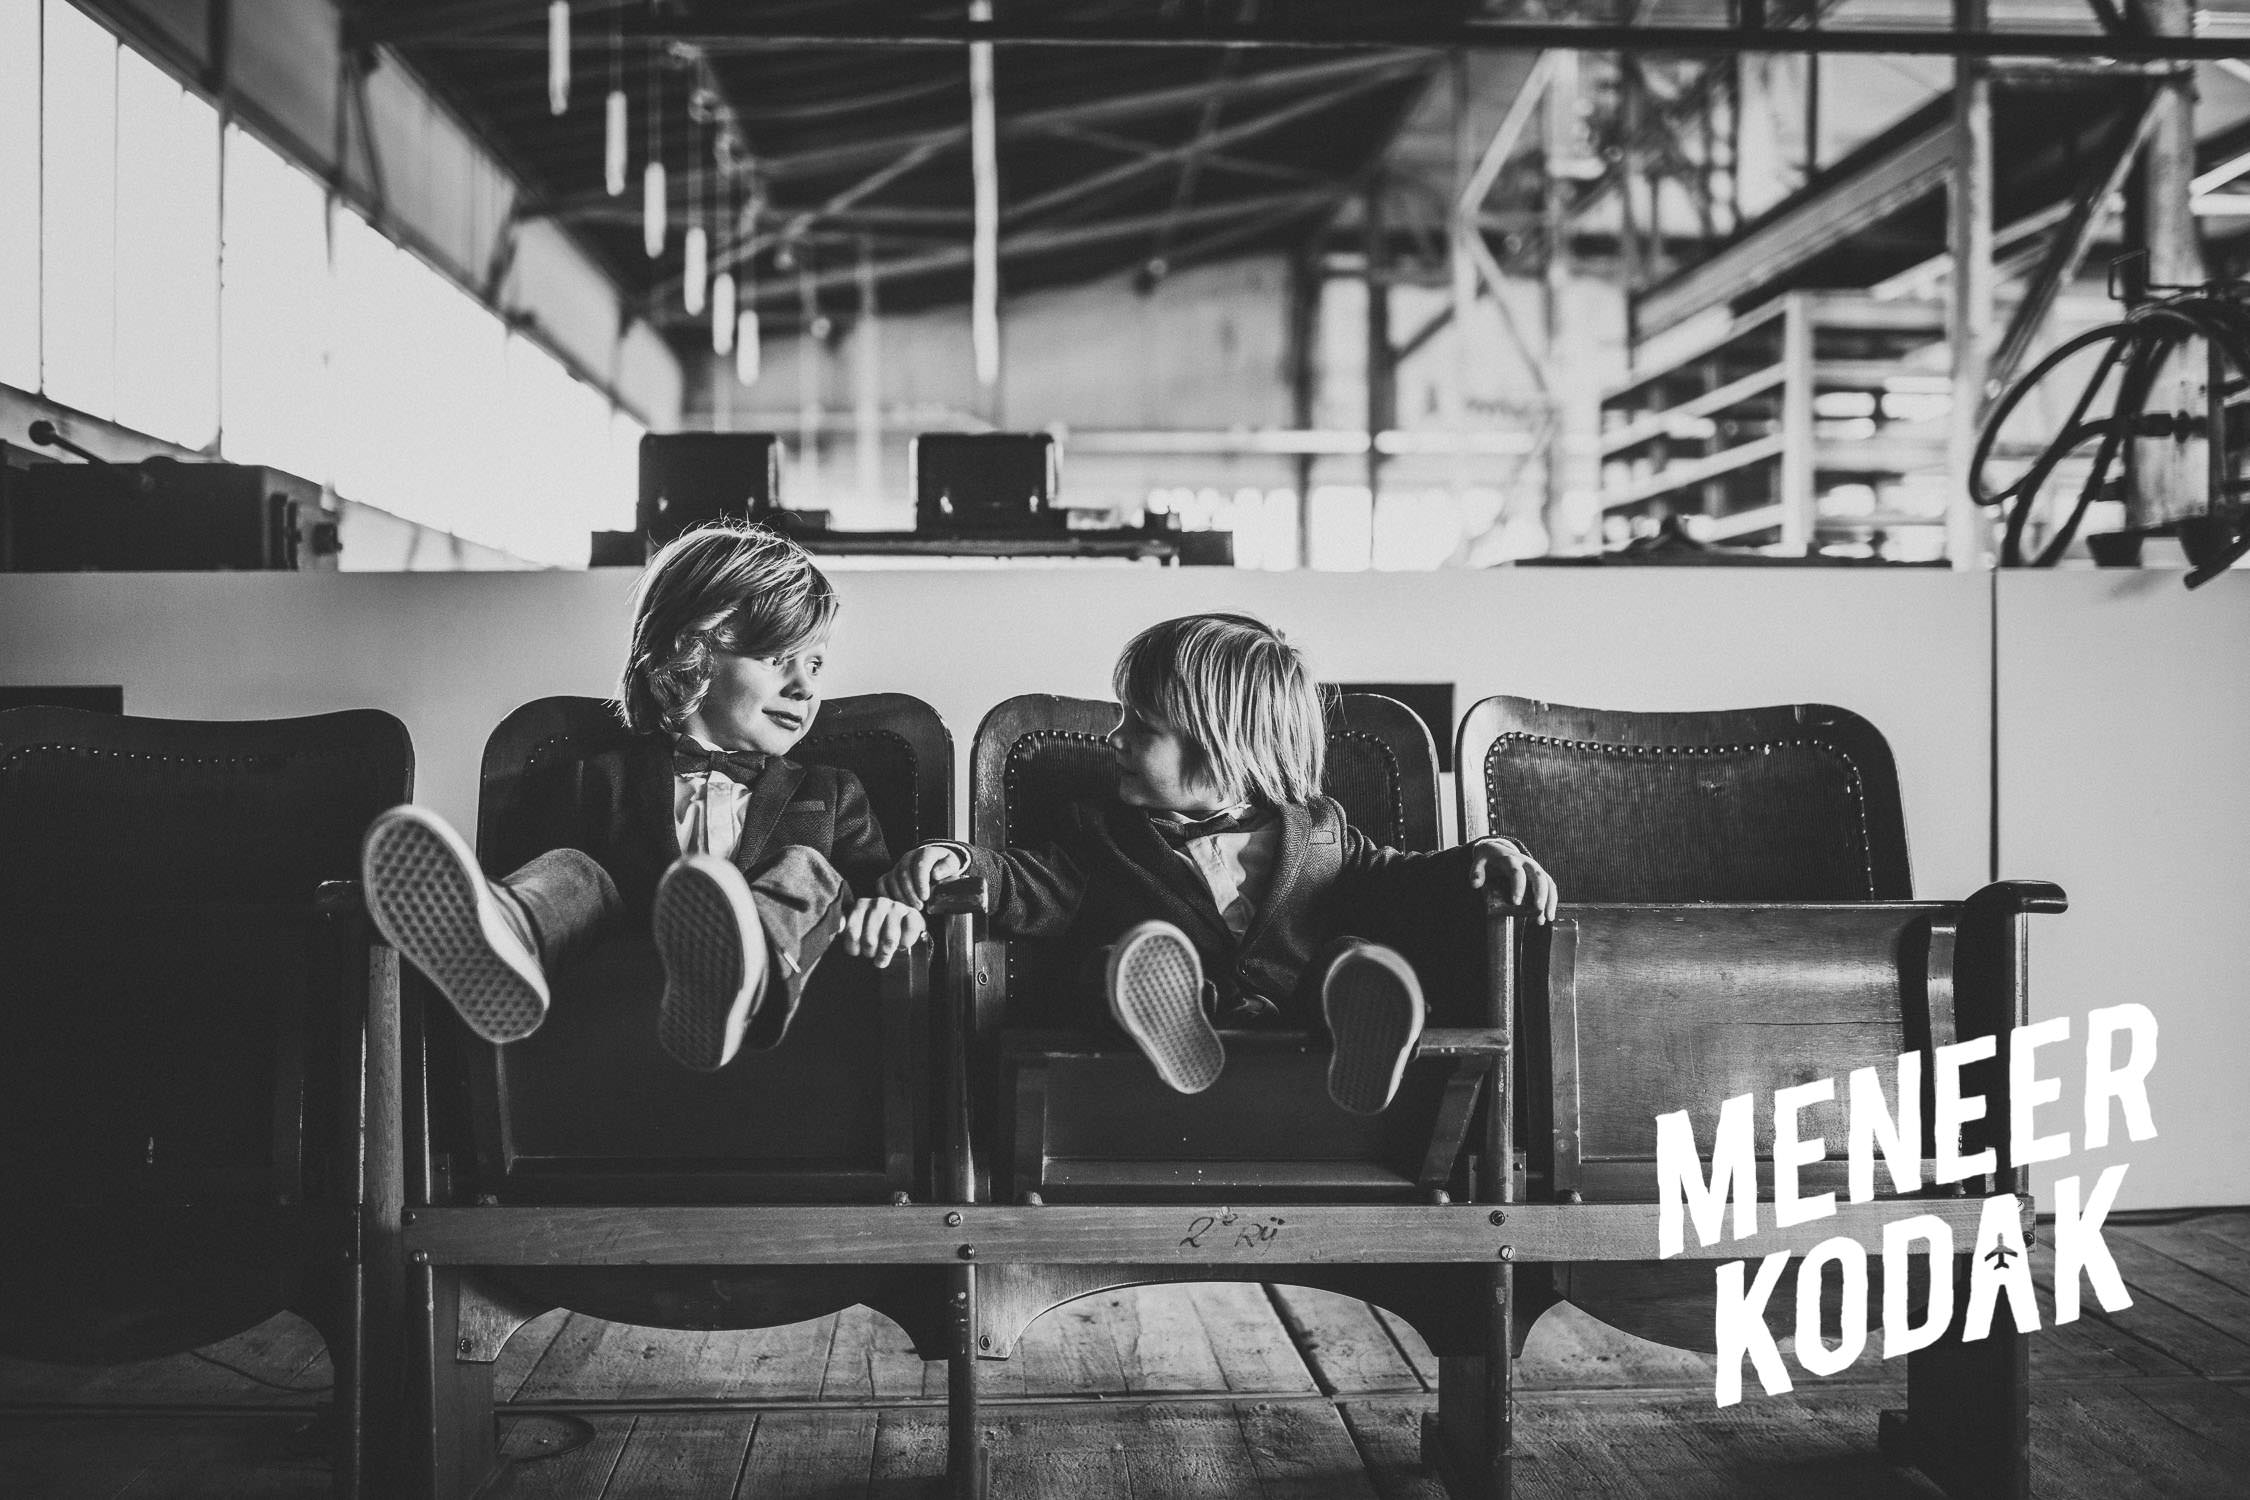 Meneer Kodak - Bruidsfotograaf - Breda - S&R-074.jpg